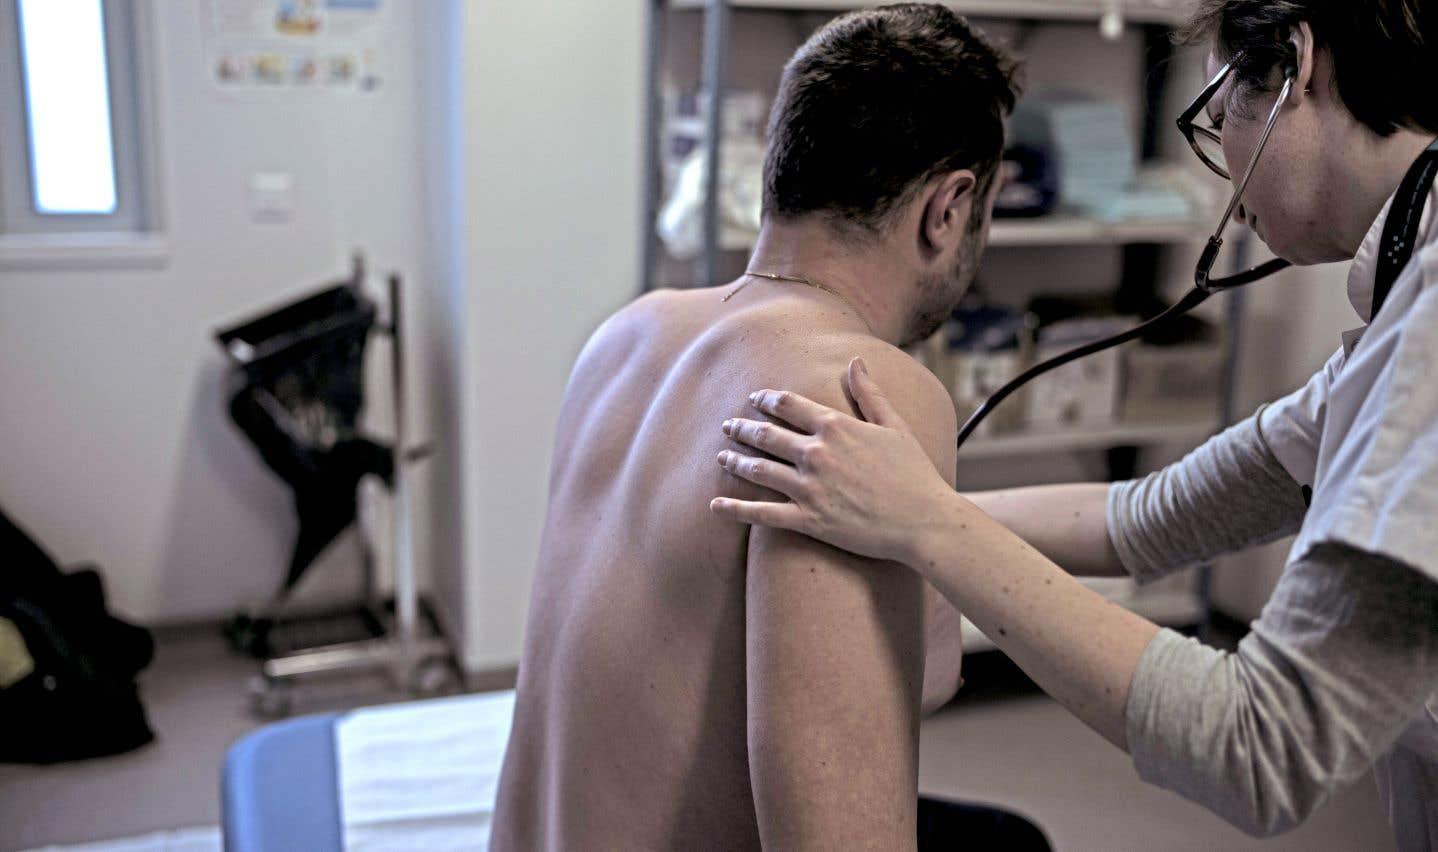 Des patients ont consulté jusqu'à 23 professionnels de la santé quand ils frappent à la porte de la Clinique de la douleur, selon une étude publiée dans la revue «Pain Research and Management».